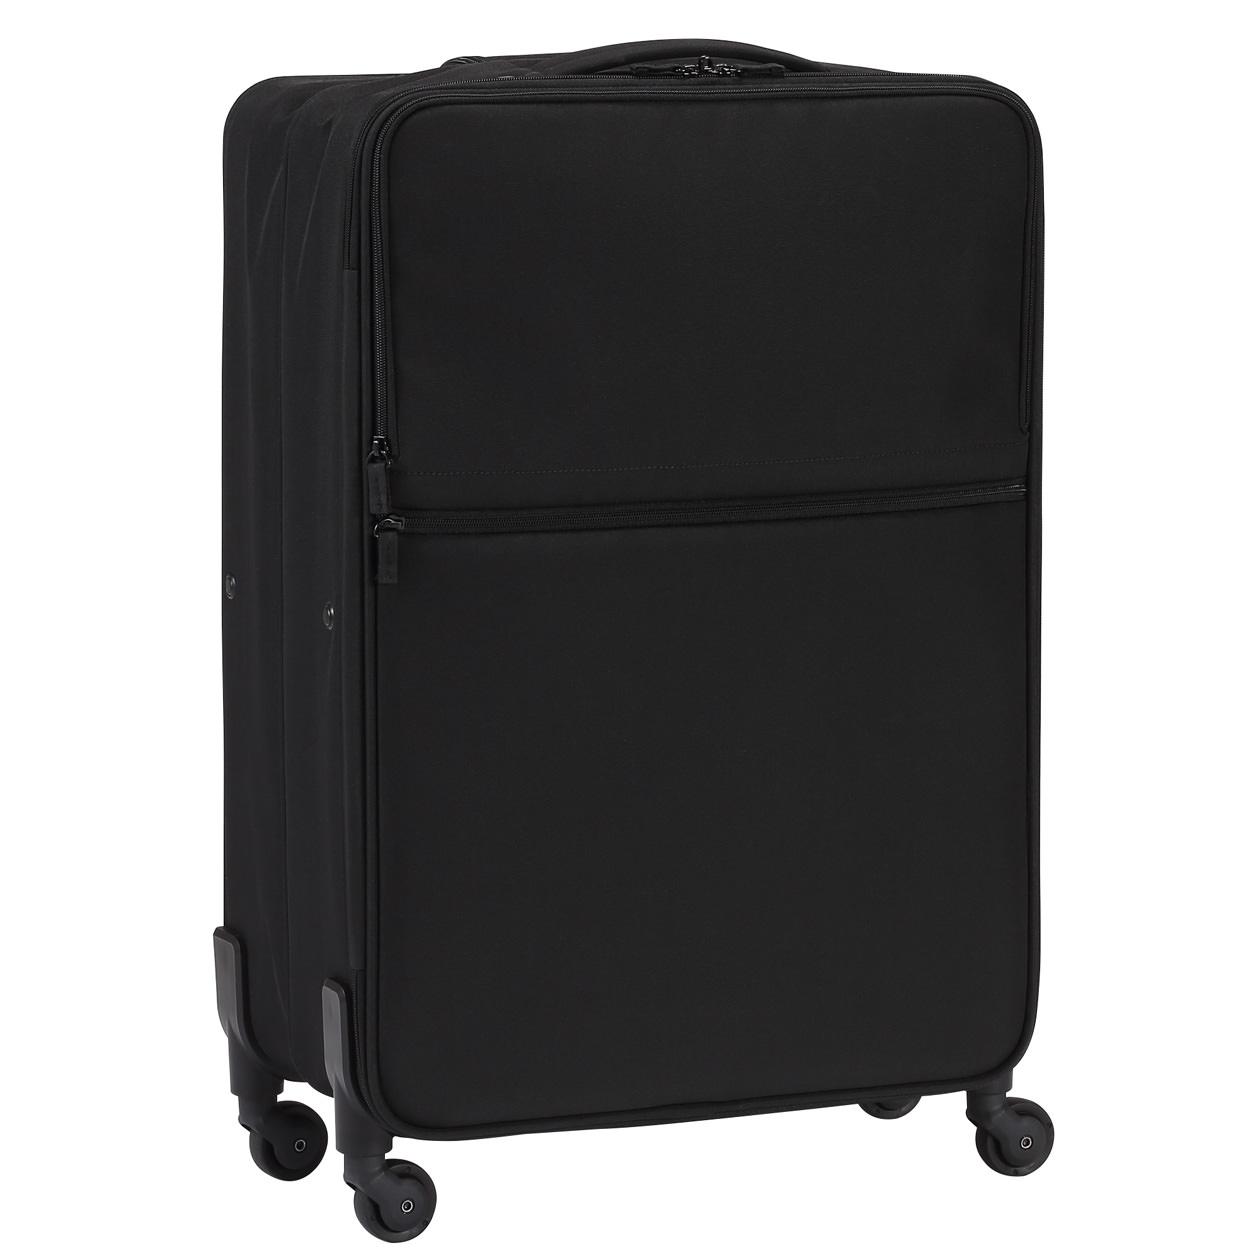 聚酯纖維行李箱連滑輪固定器 | 無印良品